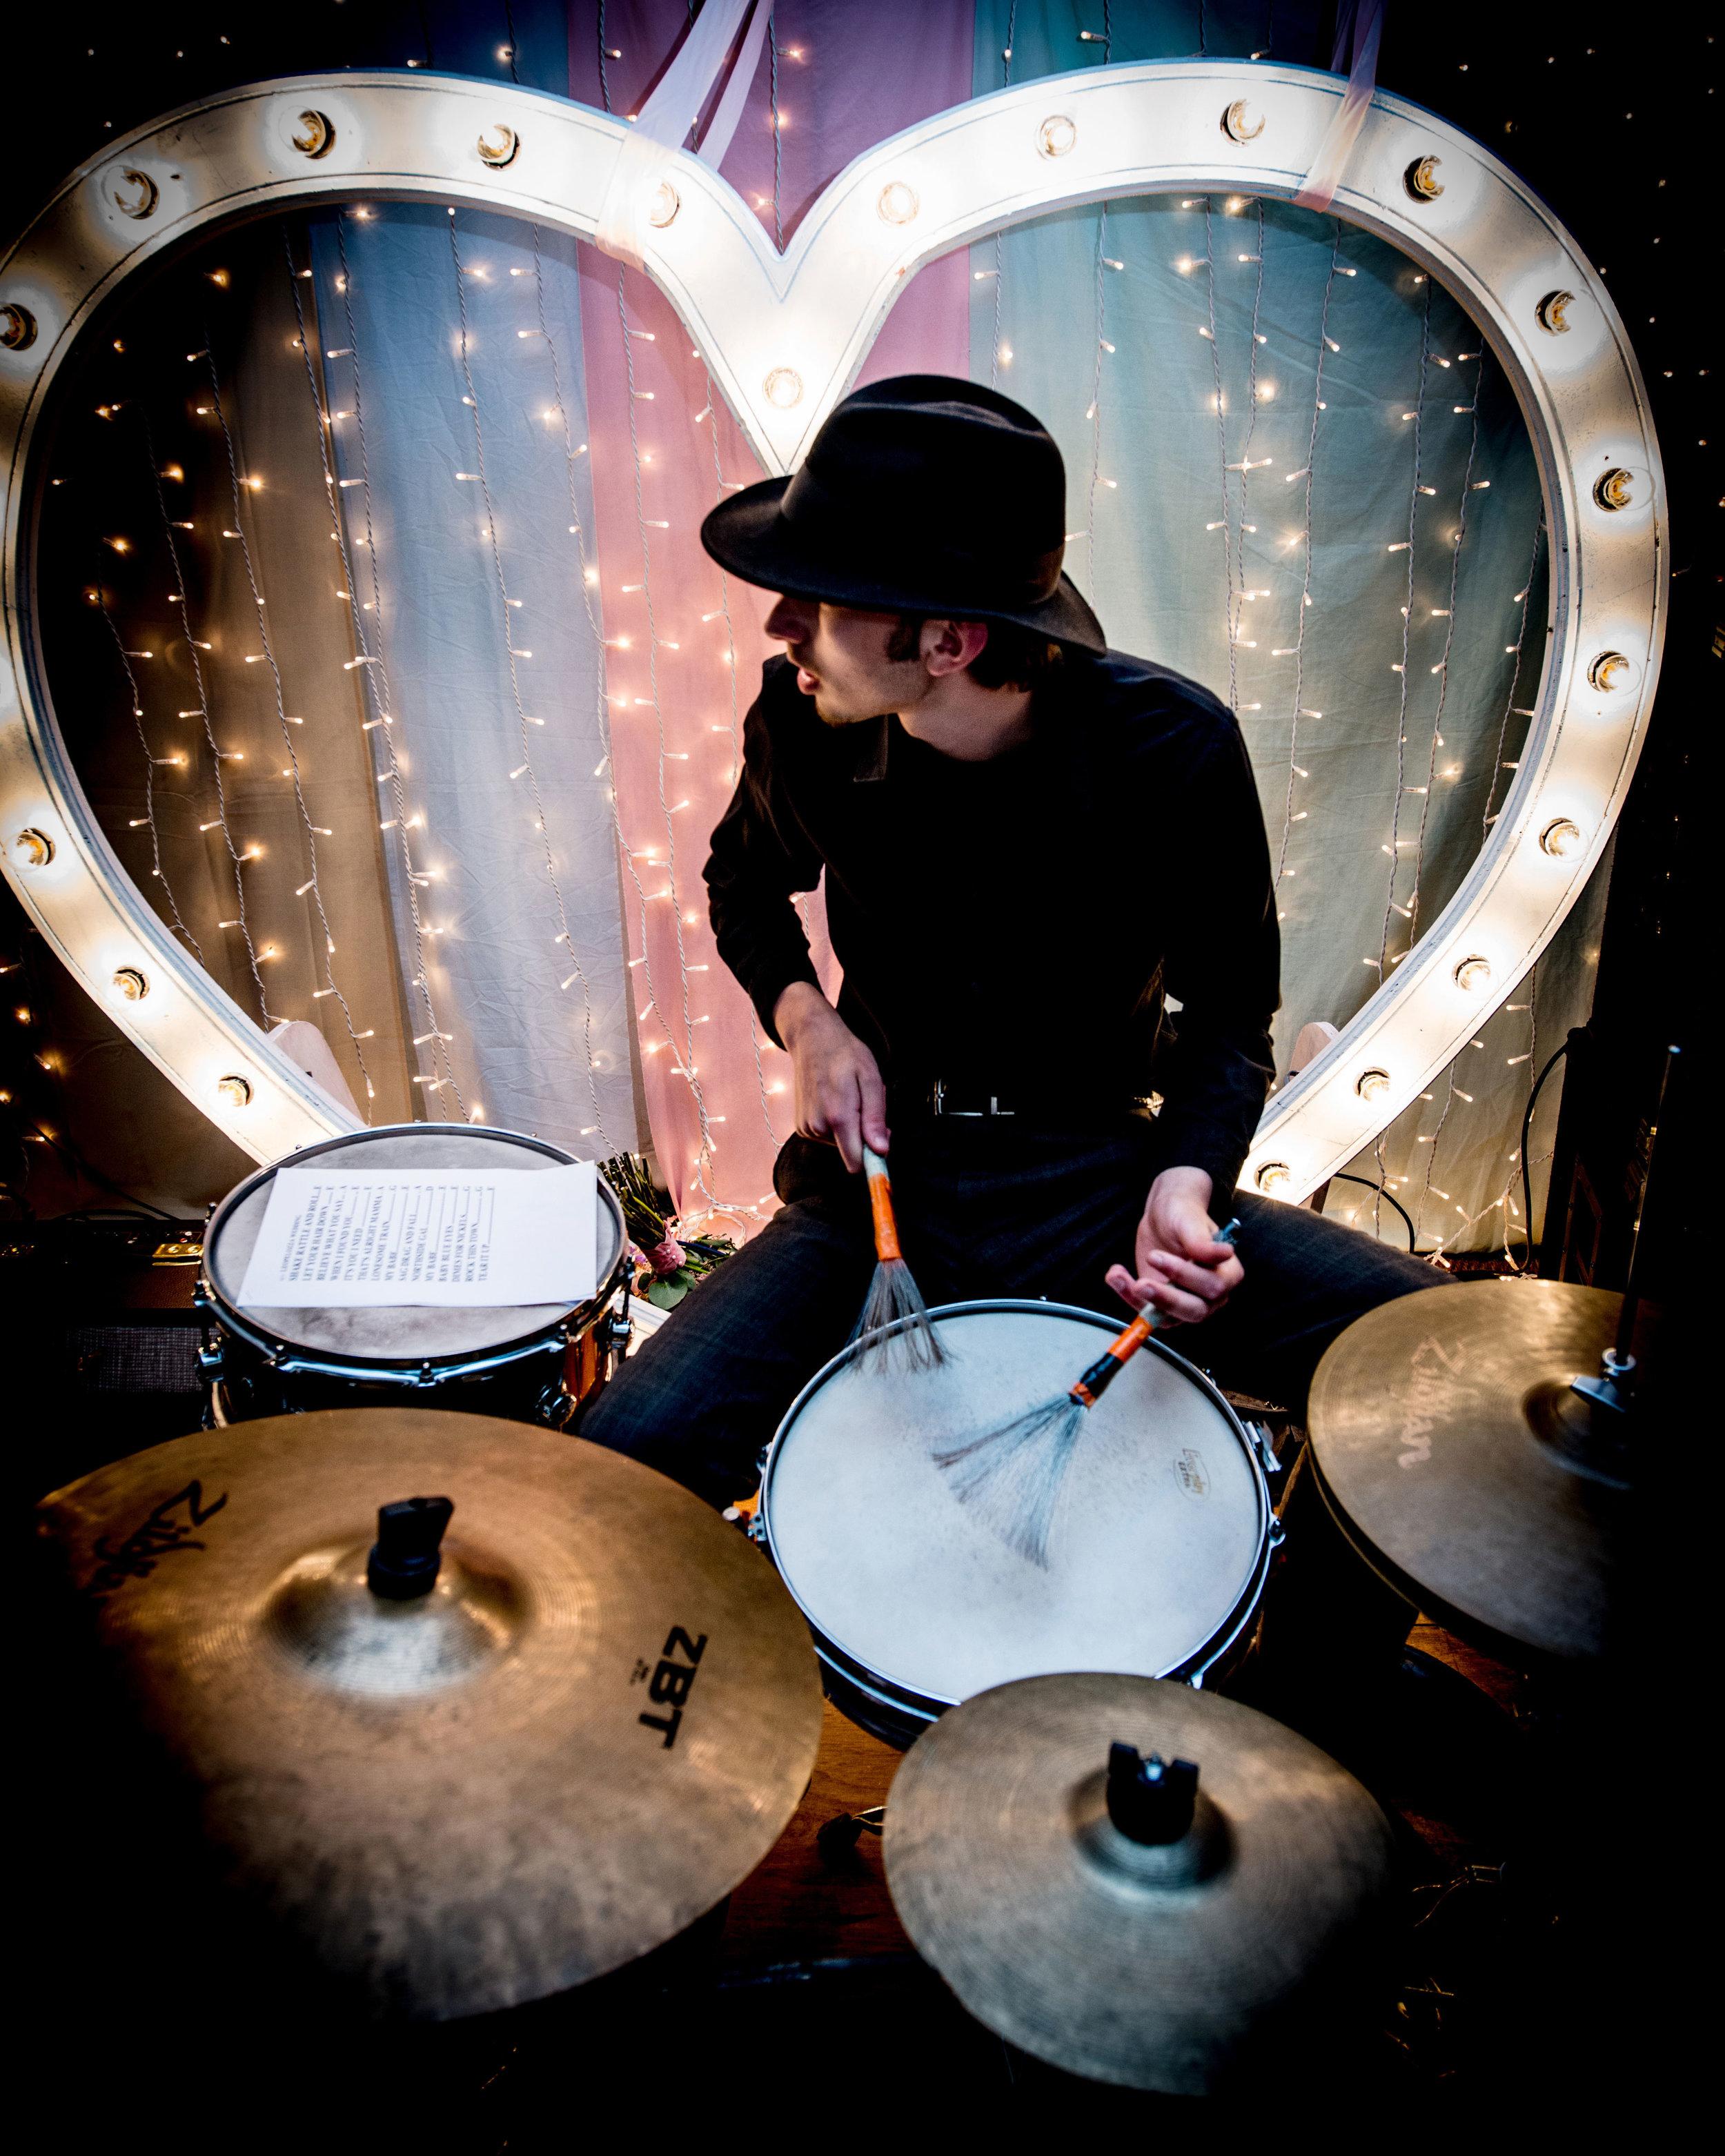 Wedding band drummer